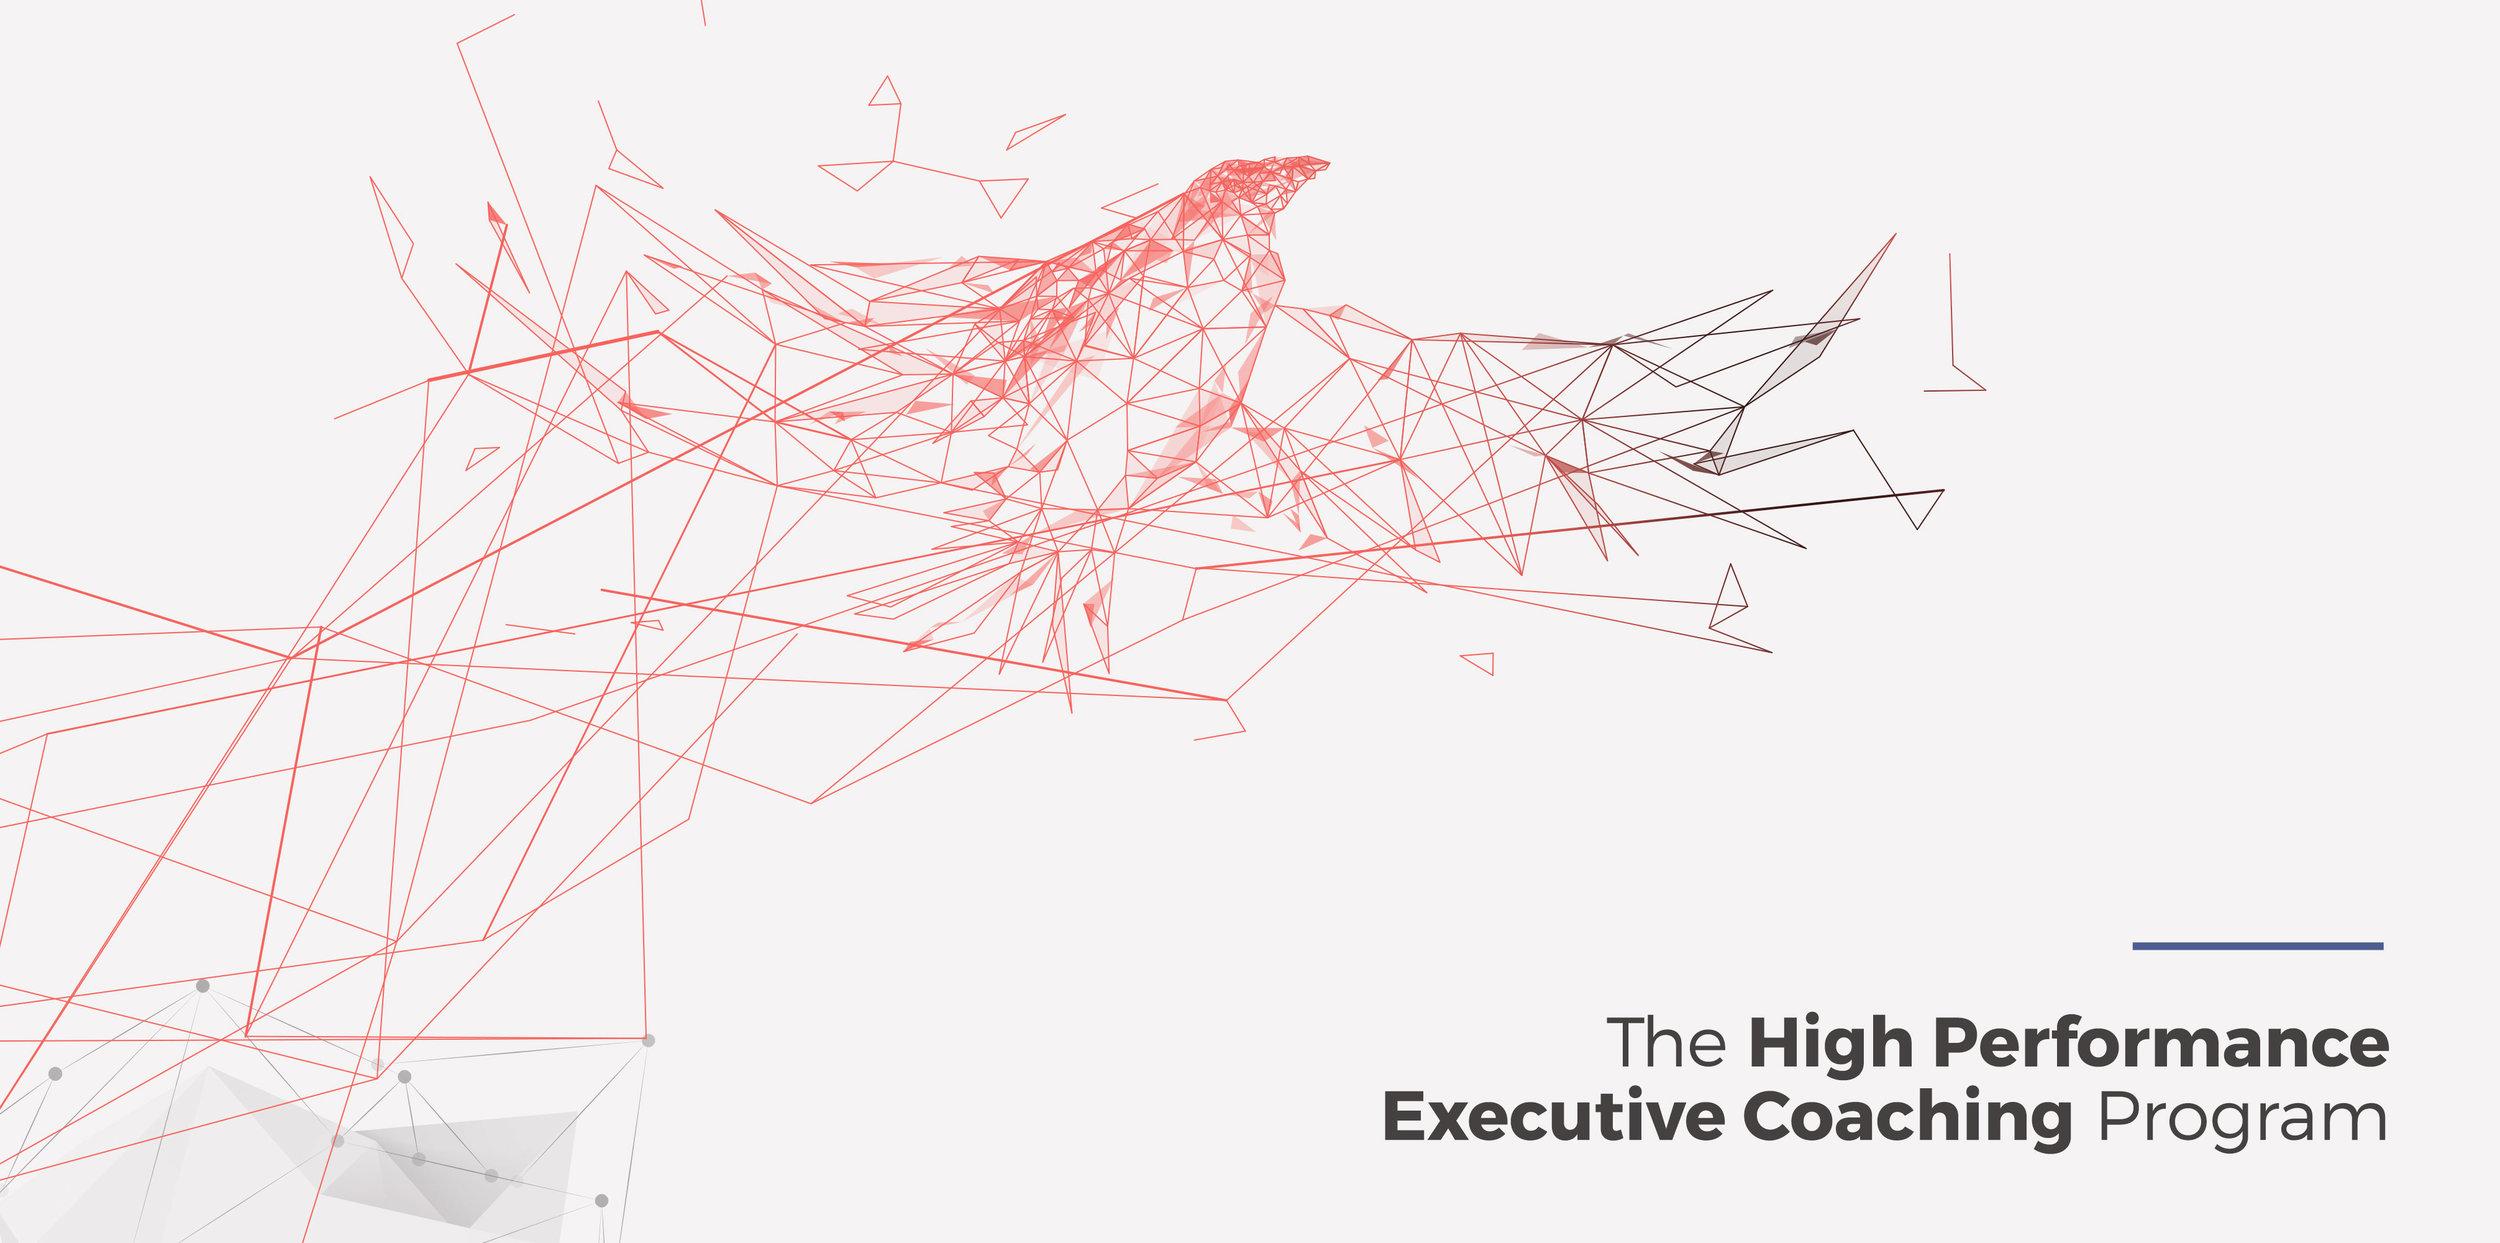 ce1-hp-executive-coaching.jpg